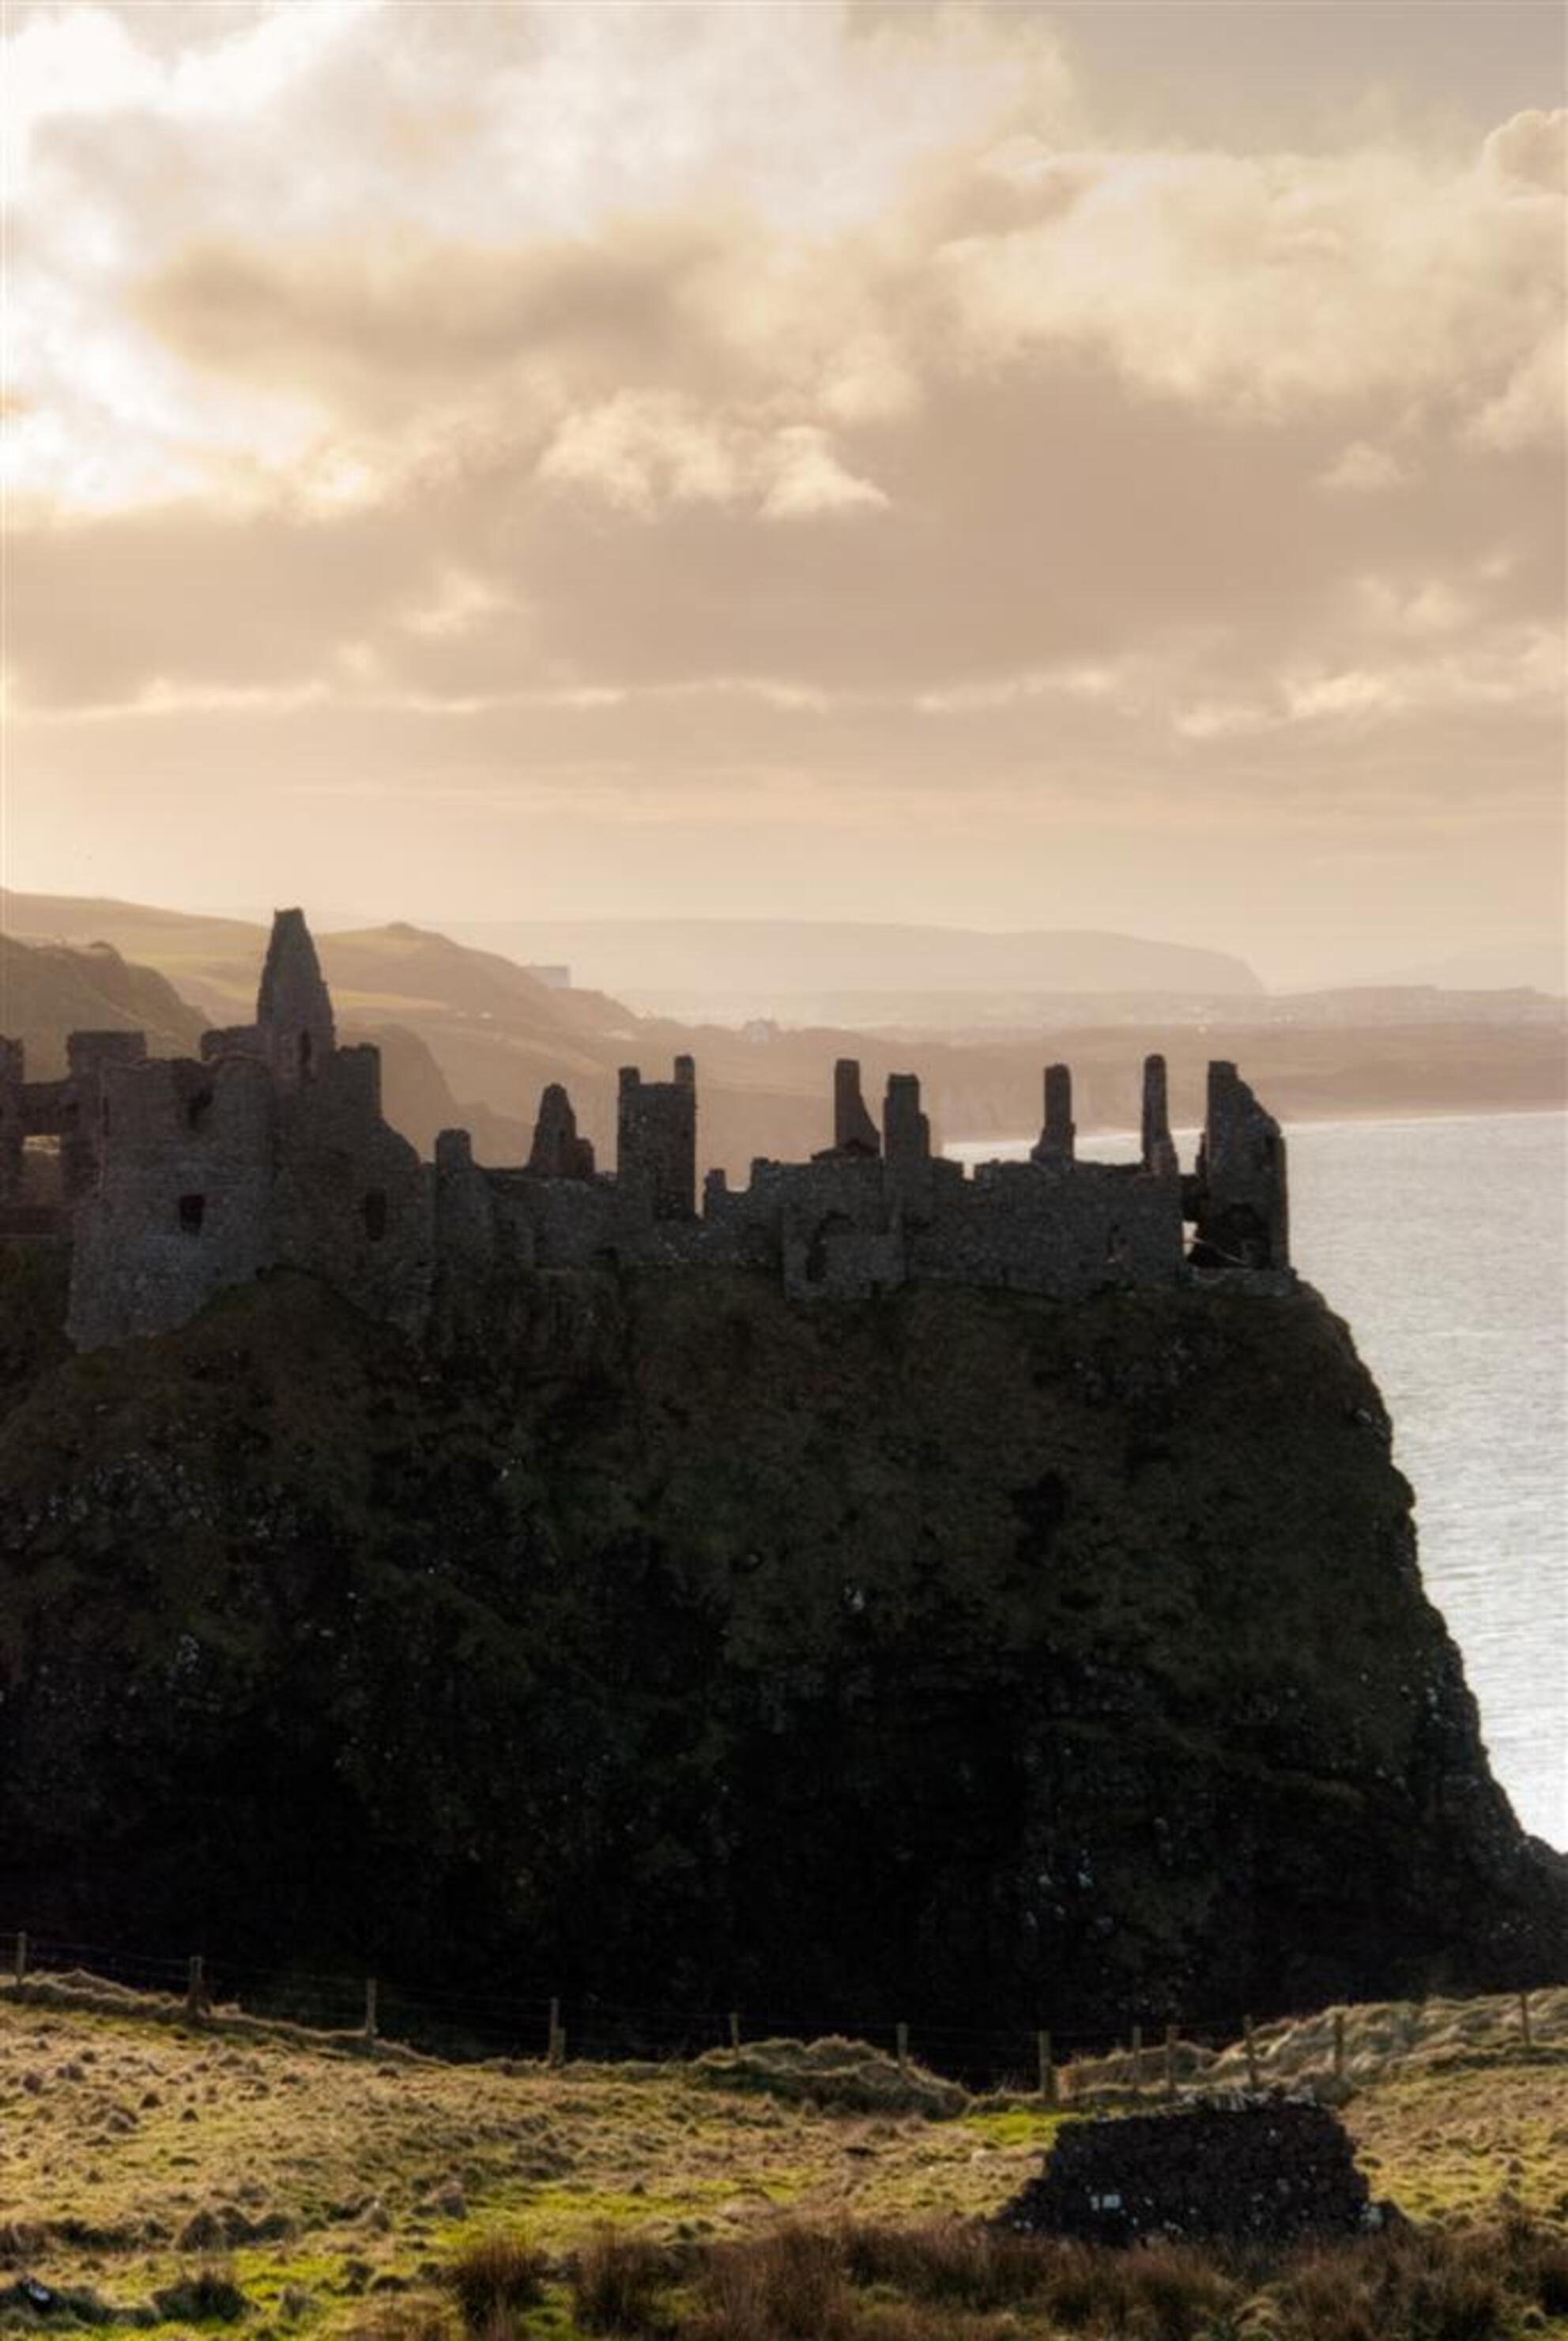 Irish Castle - - - foto door worldwidewilco op 18-03-2010 - deze foto bevat: kasteel, zonsondergang, landschap, ierland